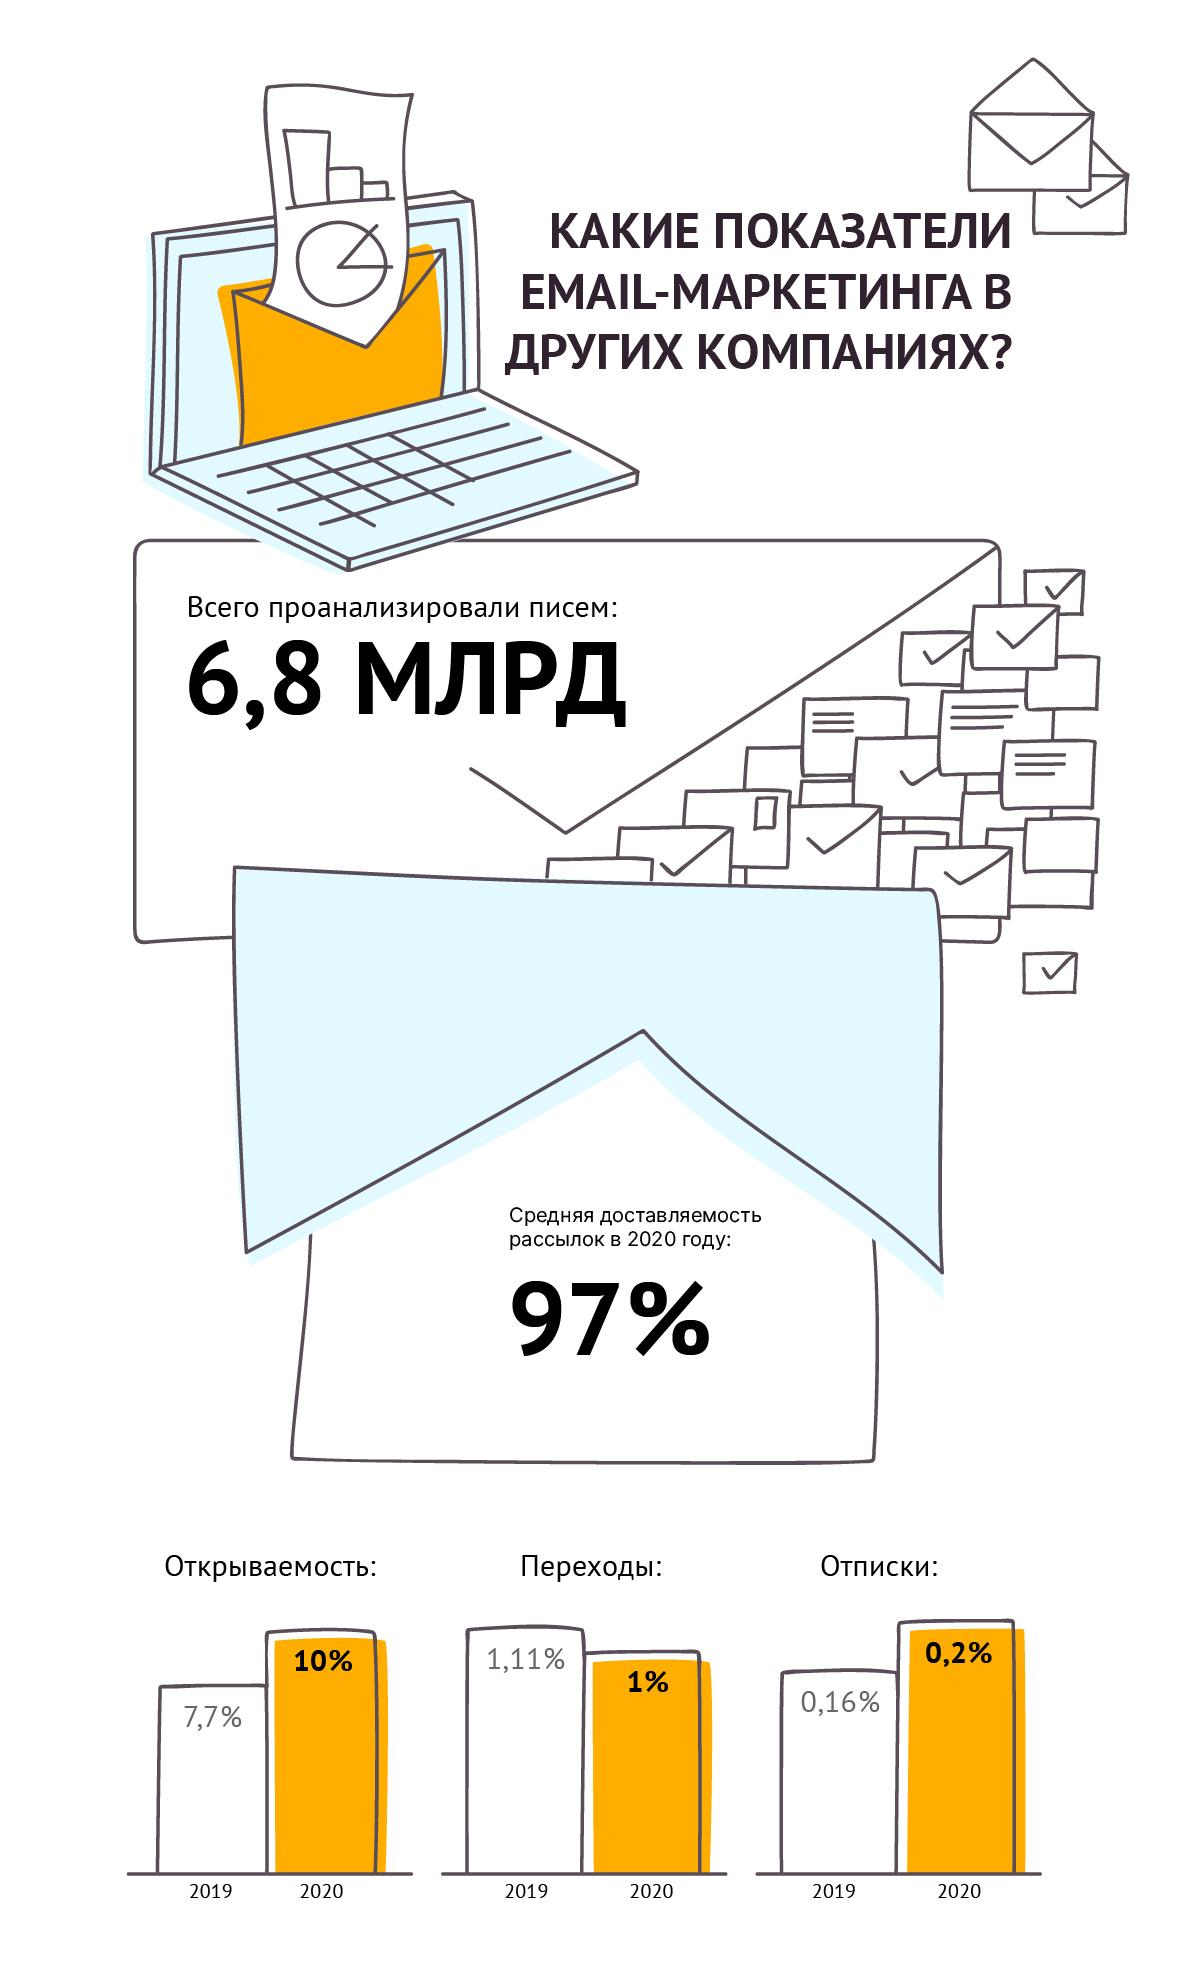 инфографика десктоп-1